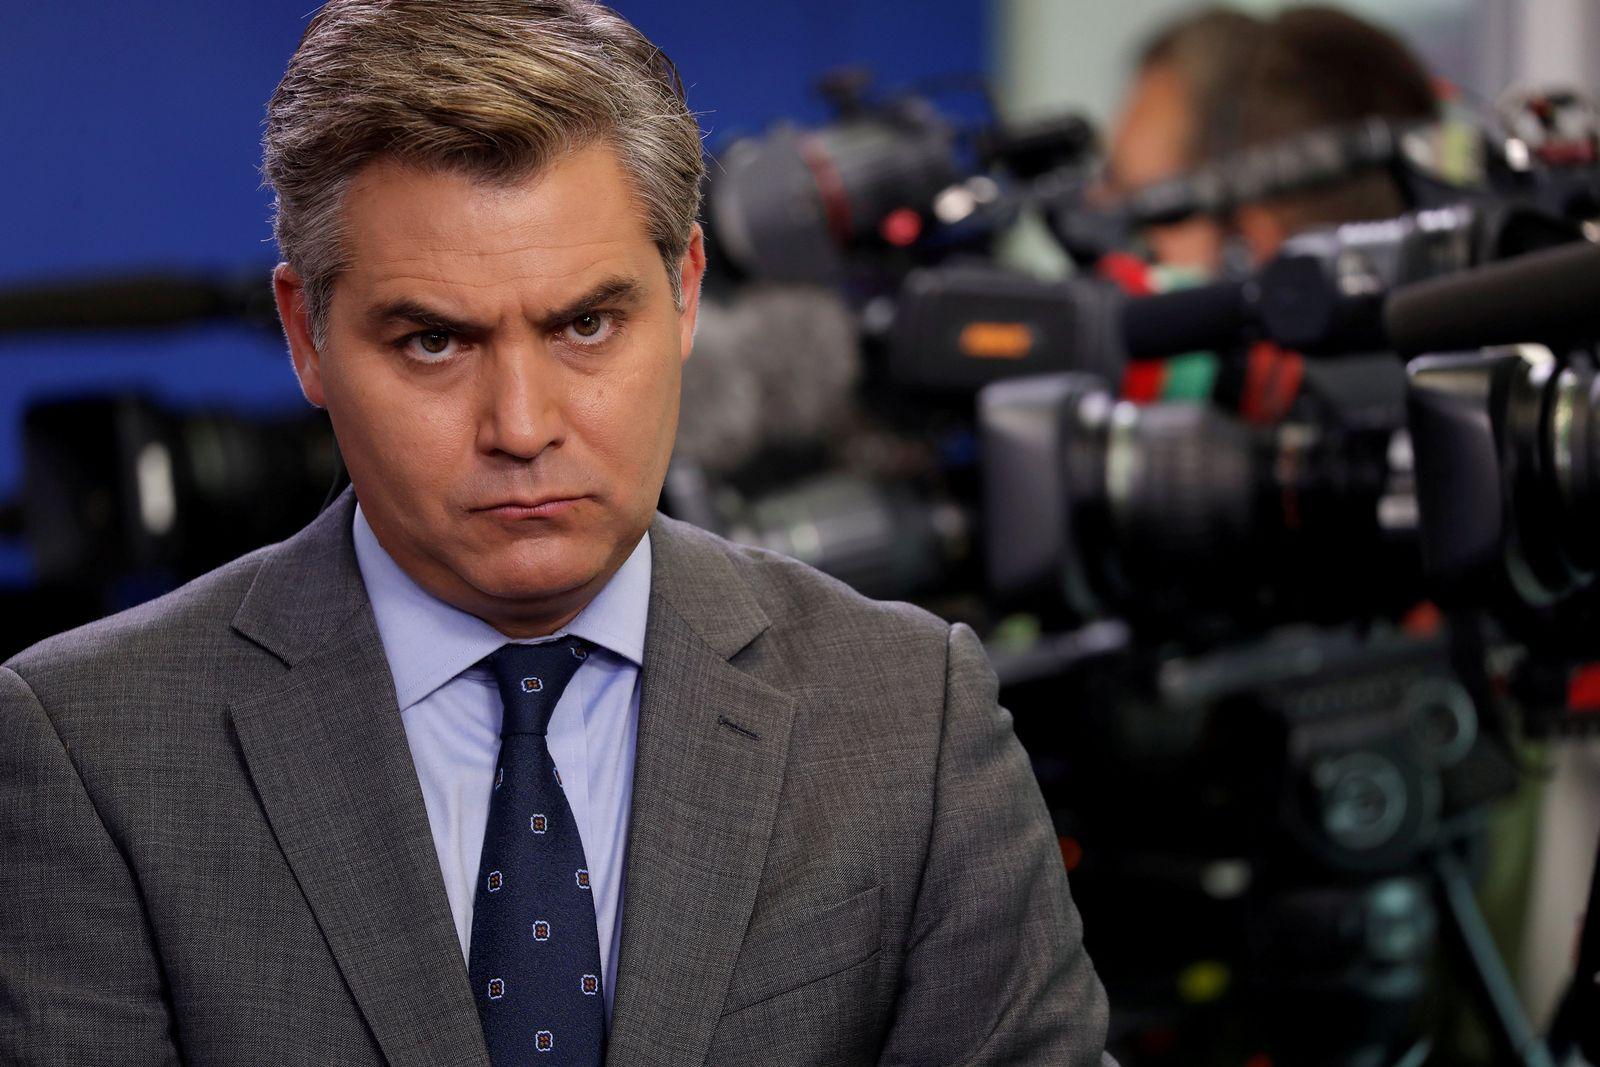 USA-TRUMP/CNN